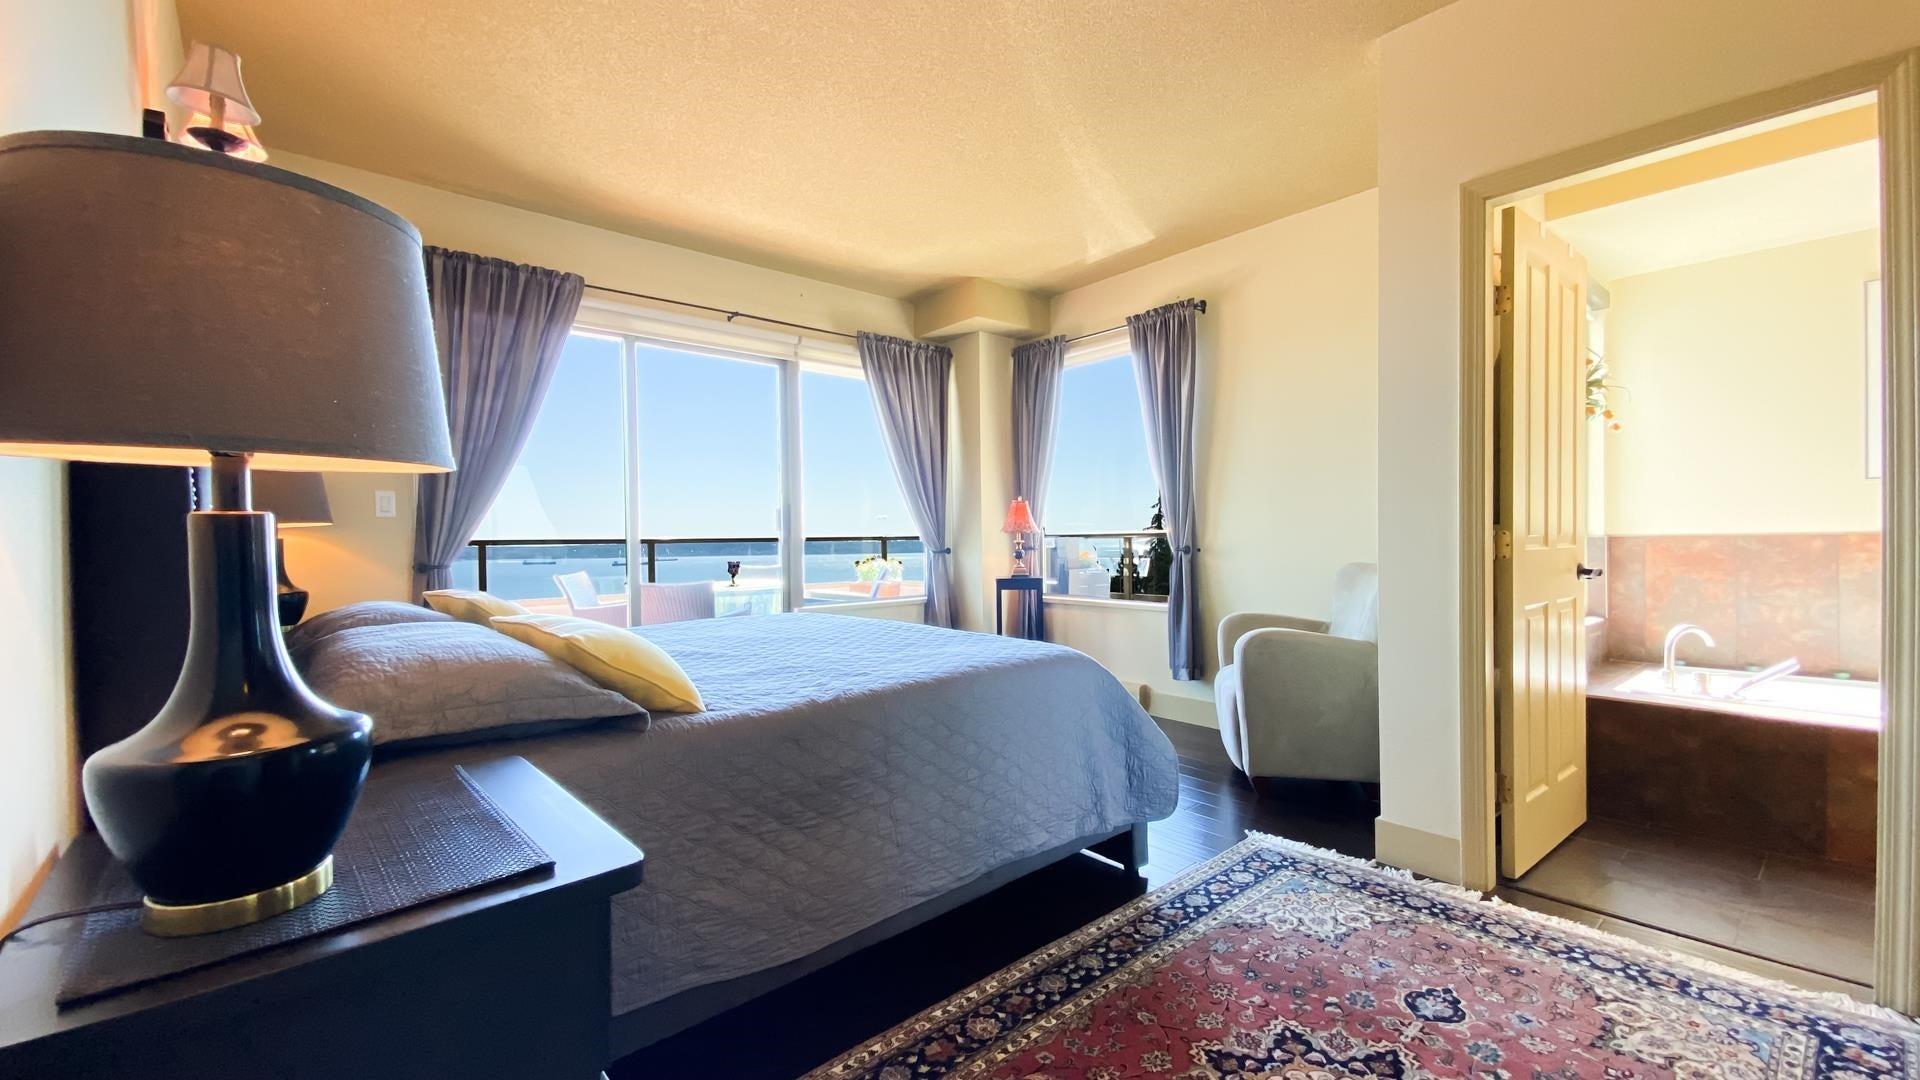 301 3131 DEER RIDGE DRIVE - Deer Ridge WV Apartment/Condo for sale, 2 Bedrooms (R2615692) - #18